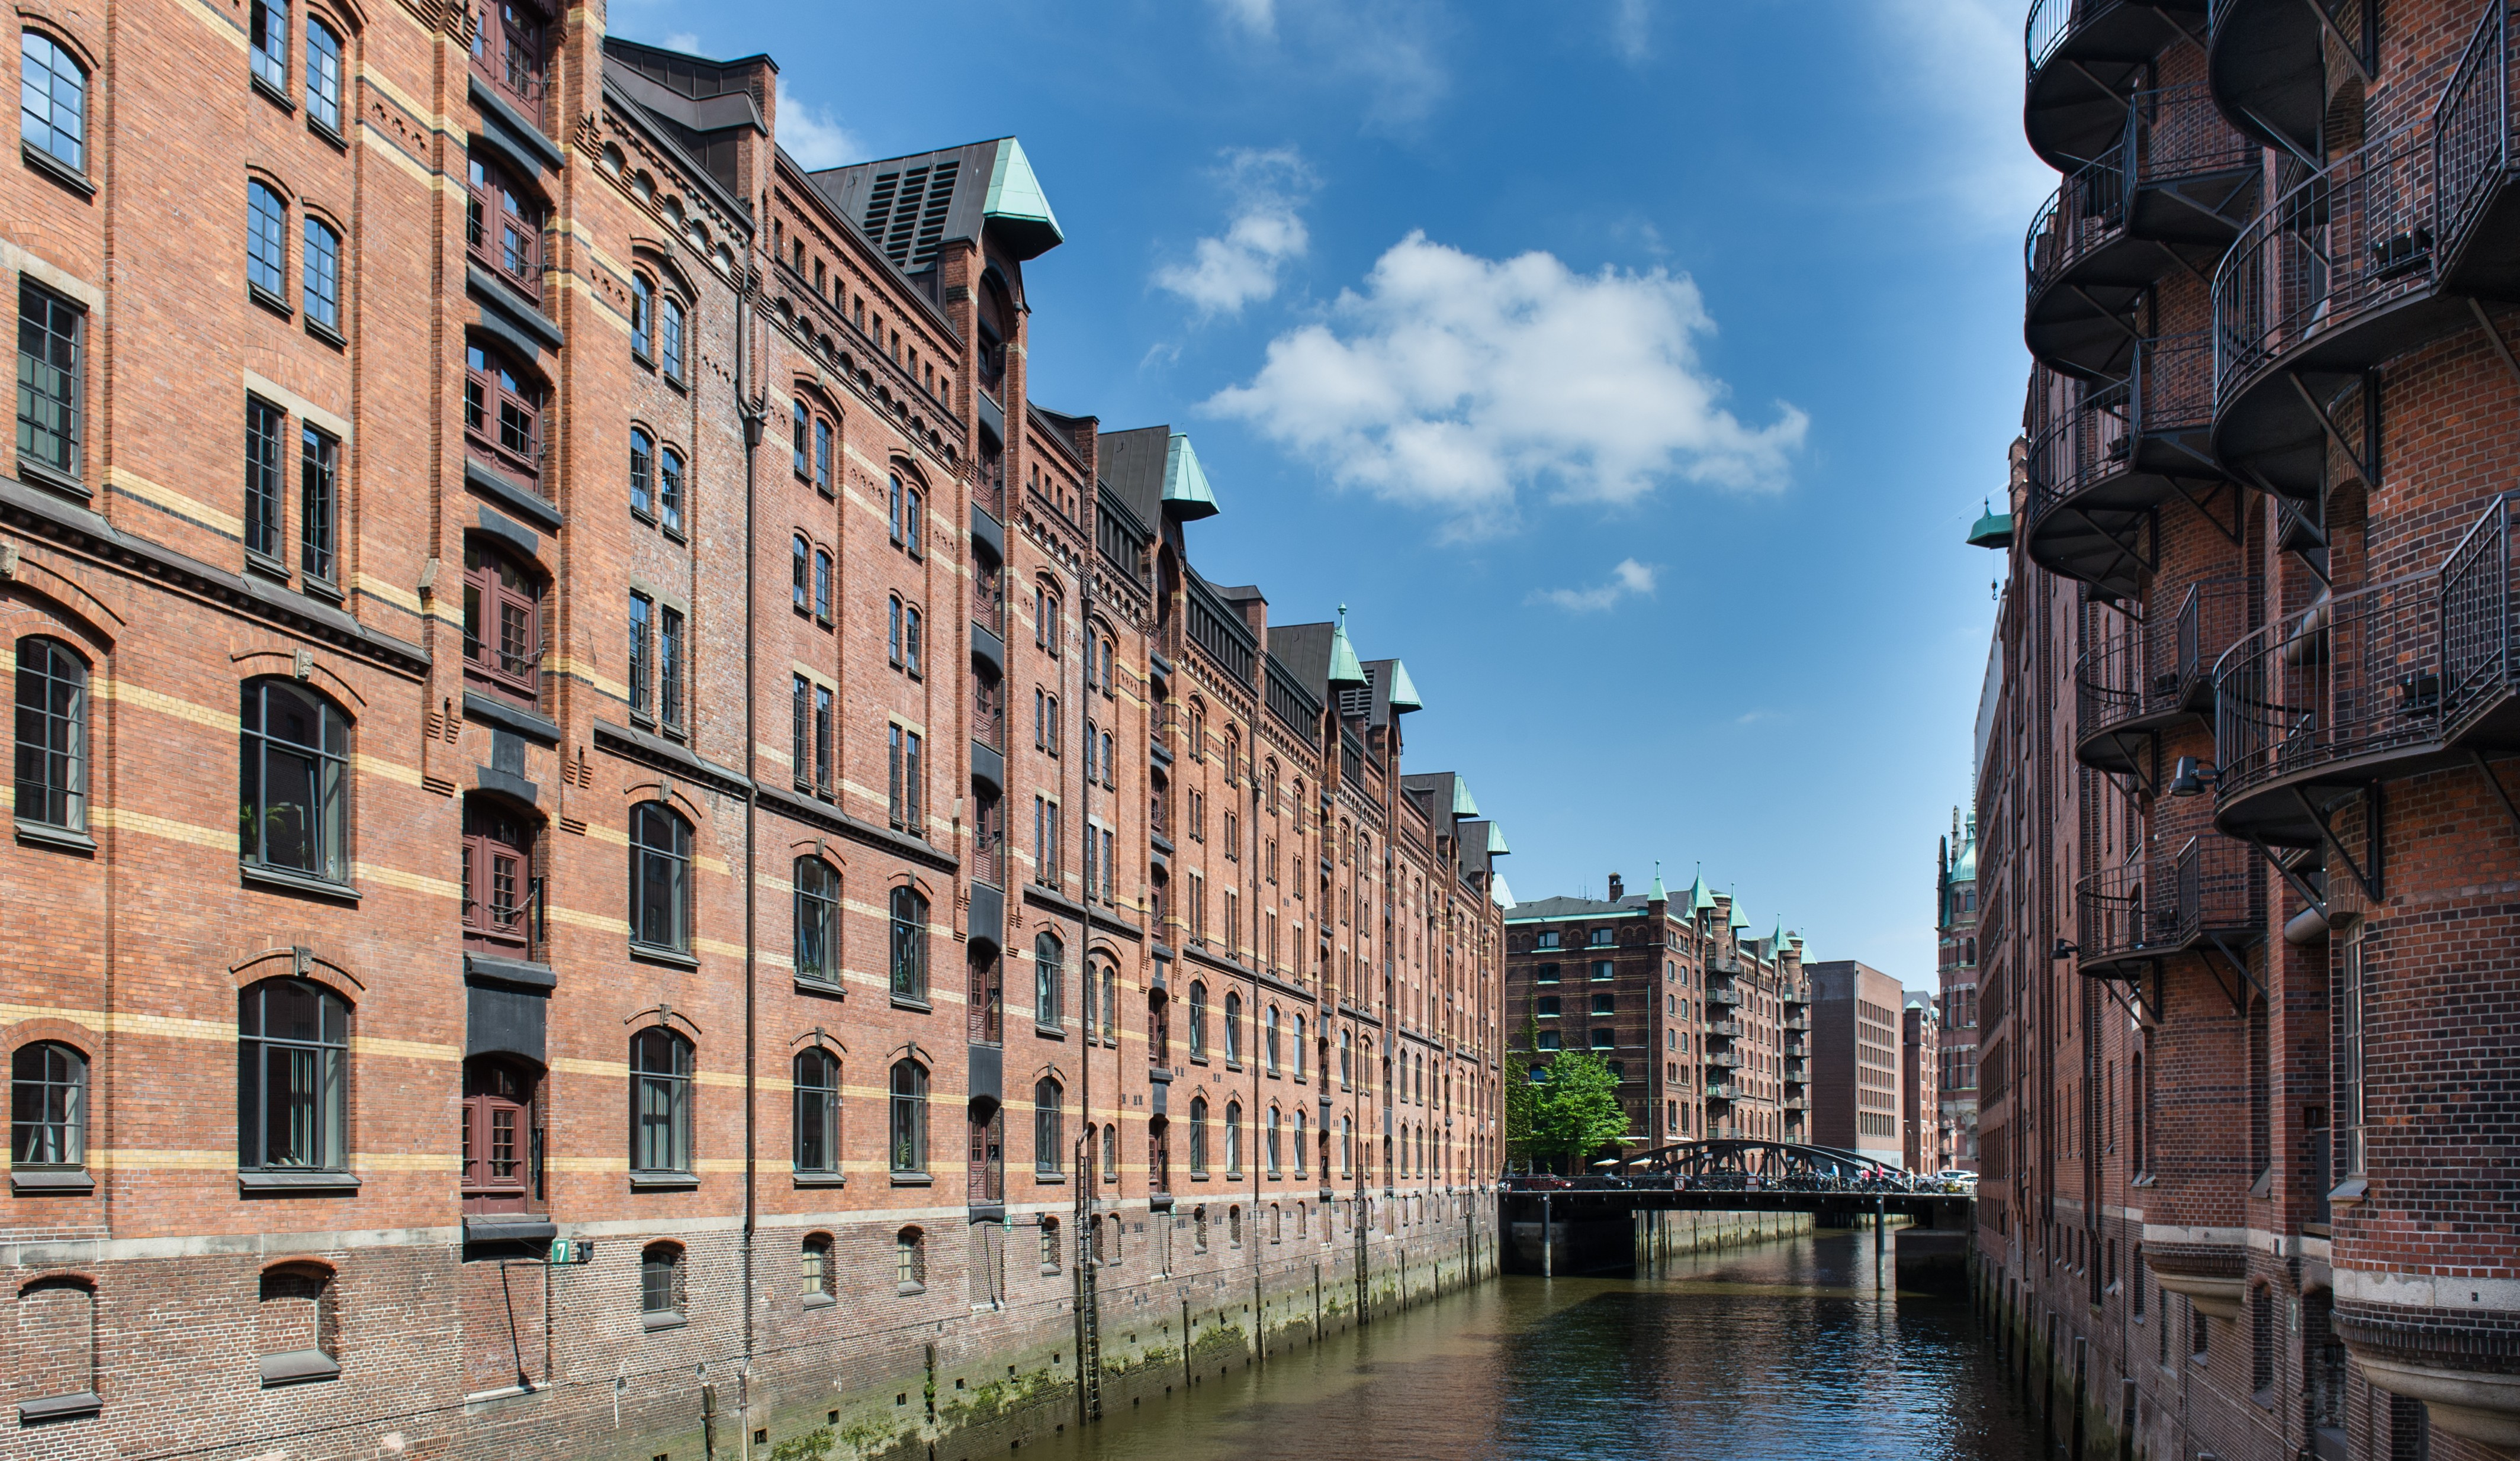 Fotokurse und Videokurse in Hamburg ✔